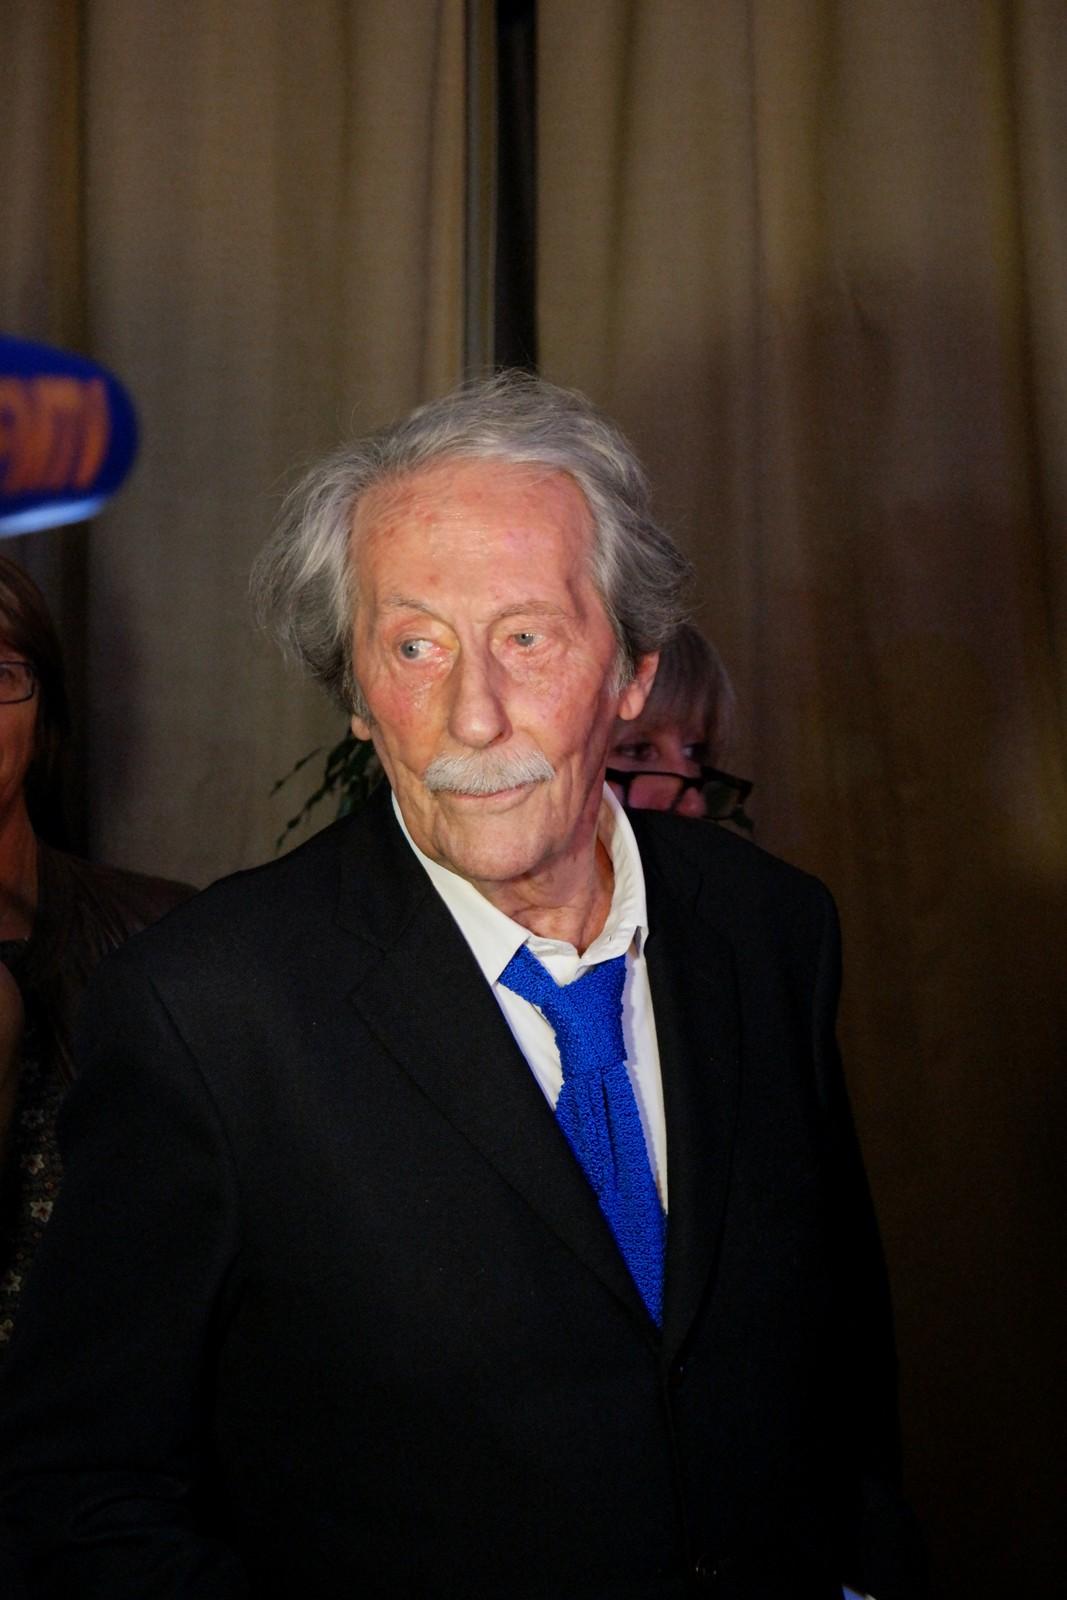 Le président du jury et acteur Jean Rochefort ouverture du Festival du Film Britannique de Dinard 2015 british film bretagne photo by usofparis s